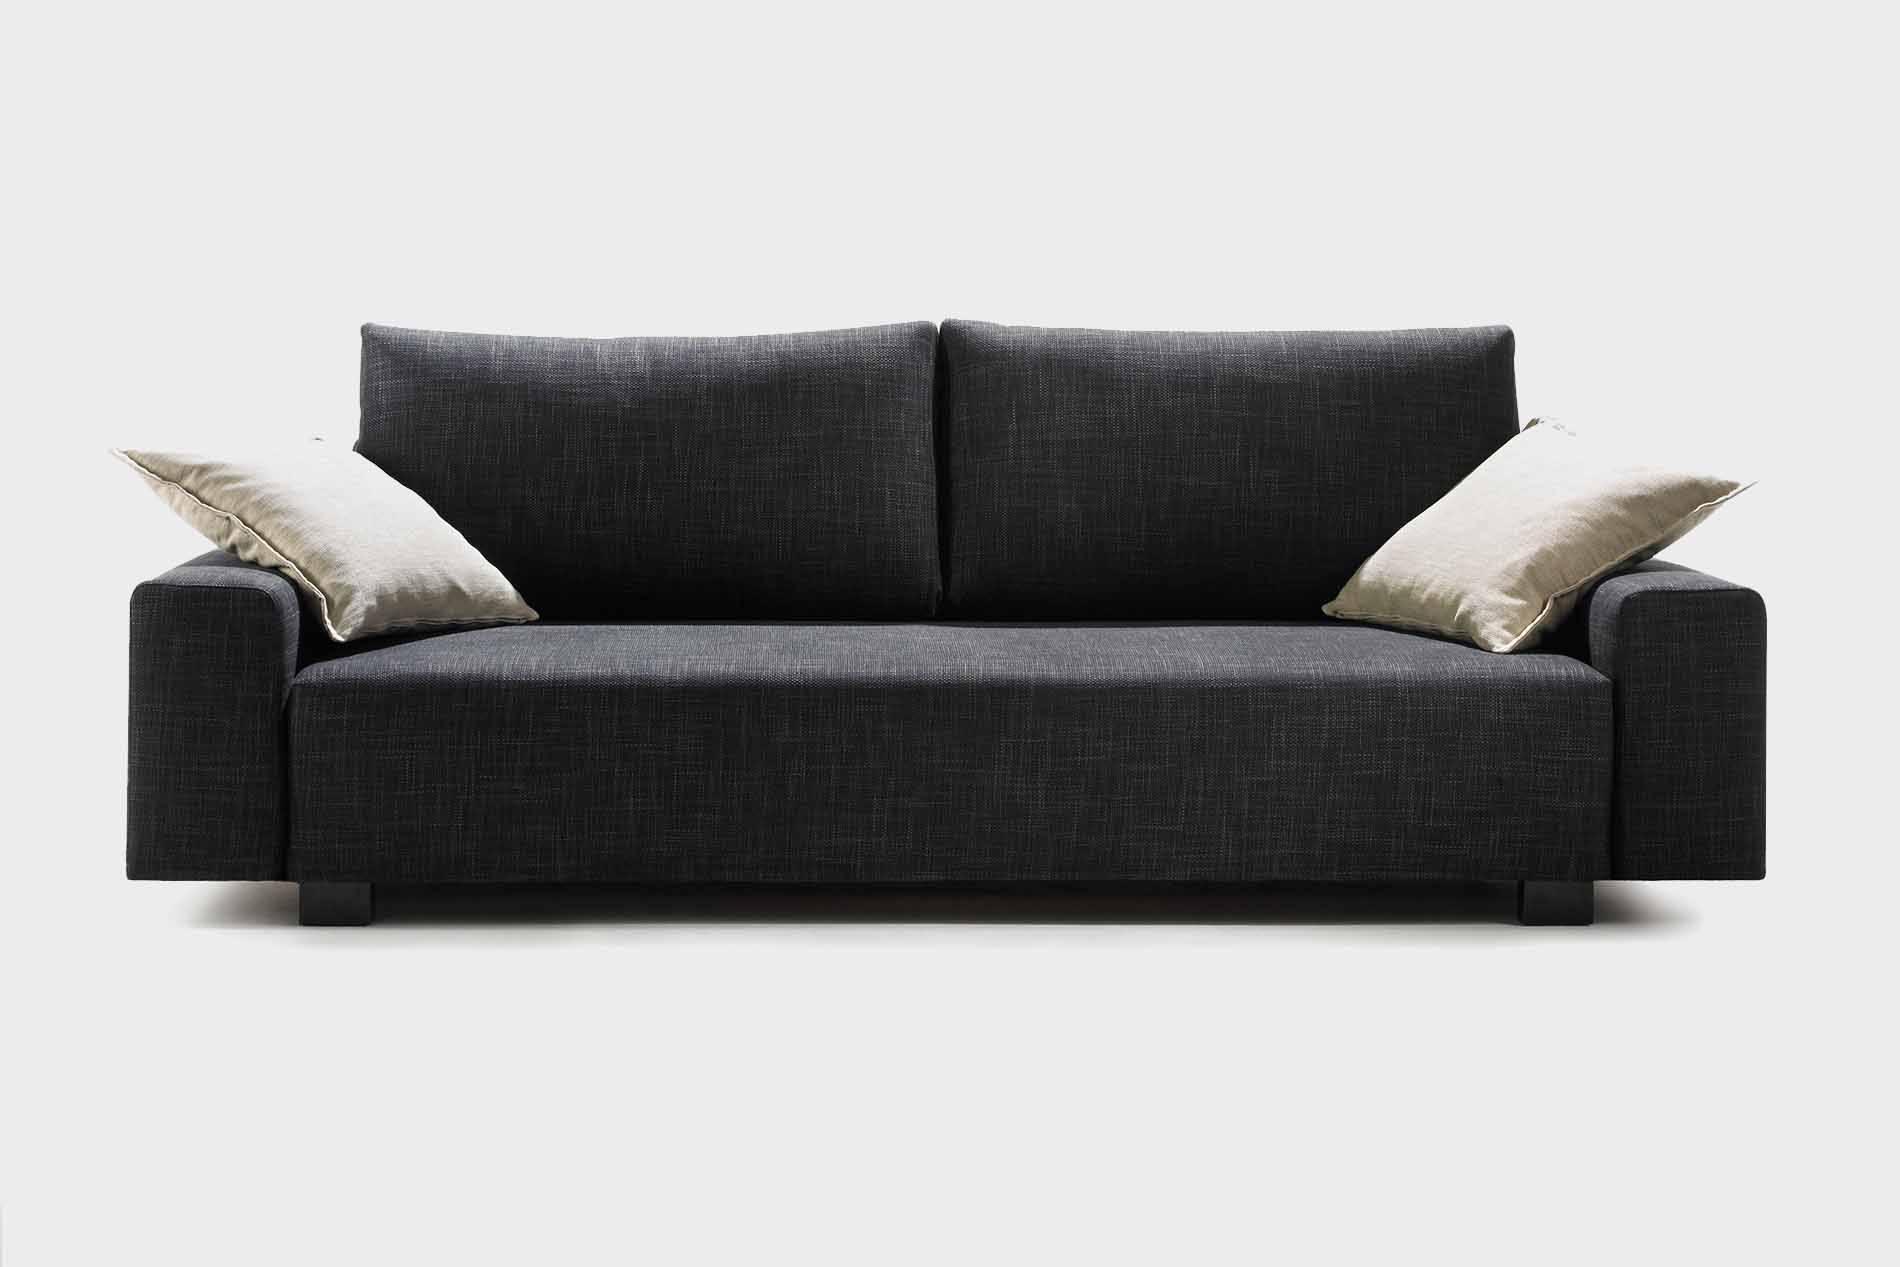 Schlafsofa Pallini von Signet - Sofa nach Maß mit Bett